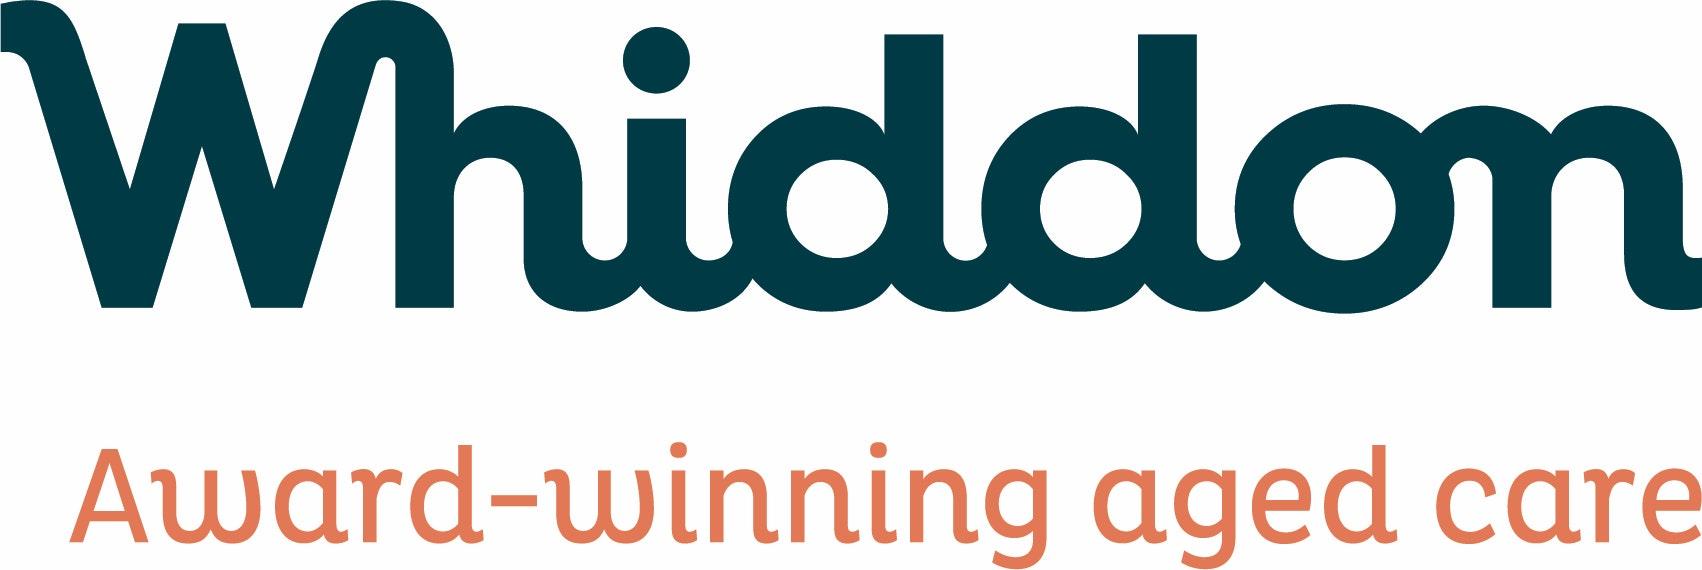 Whiddon Walgett logo